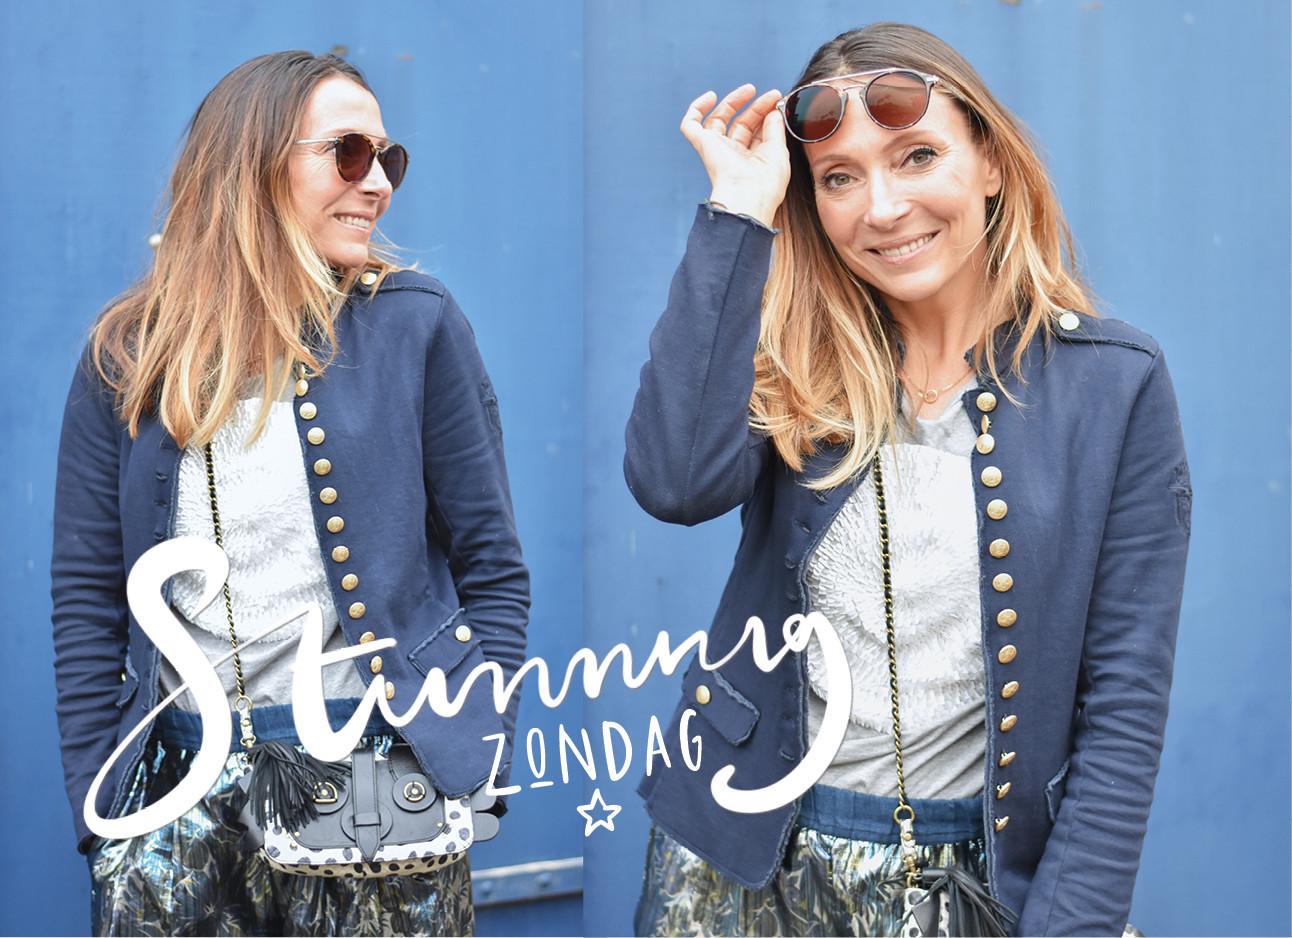 may in blauw jasje met grijze trui en broek van pauw met zonnebril van specsavers